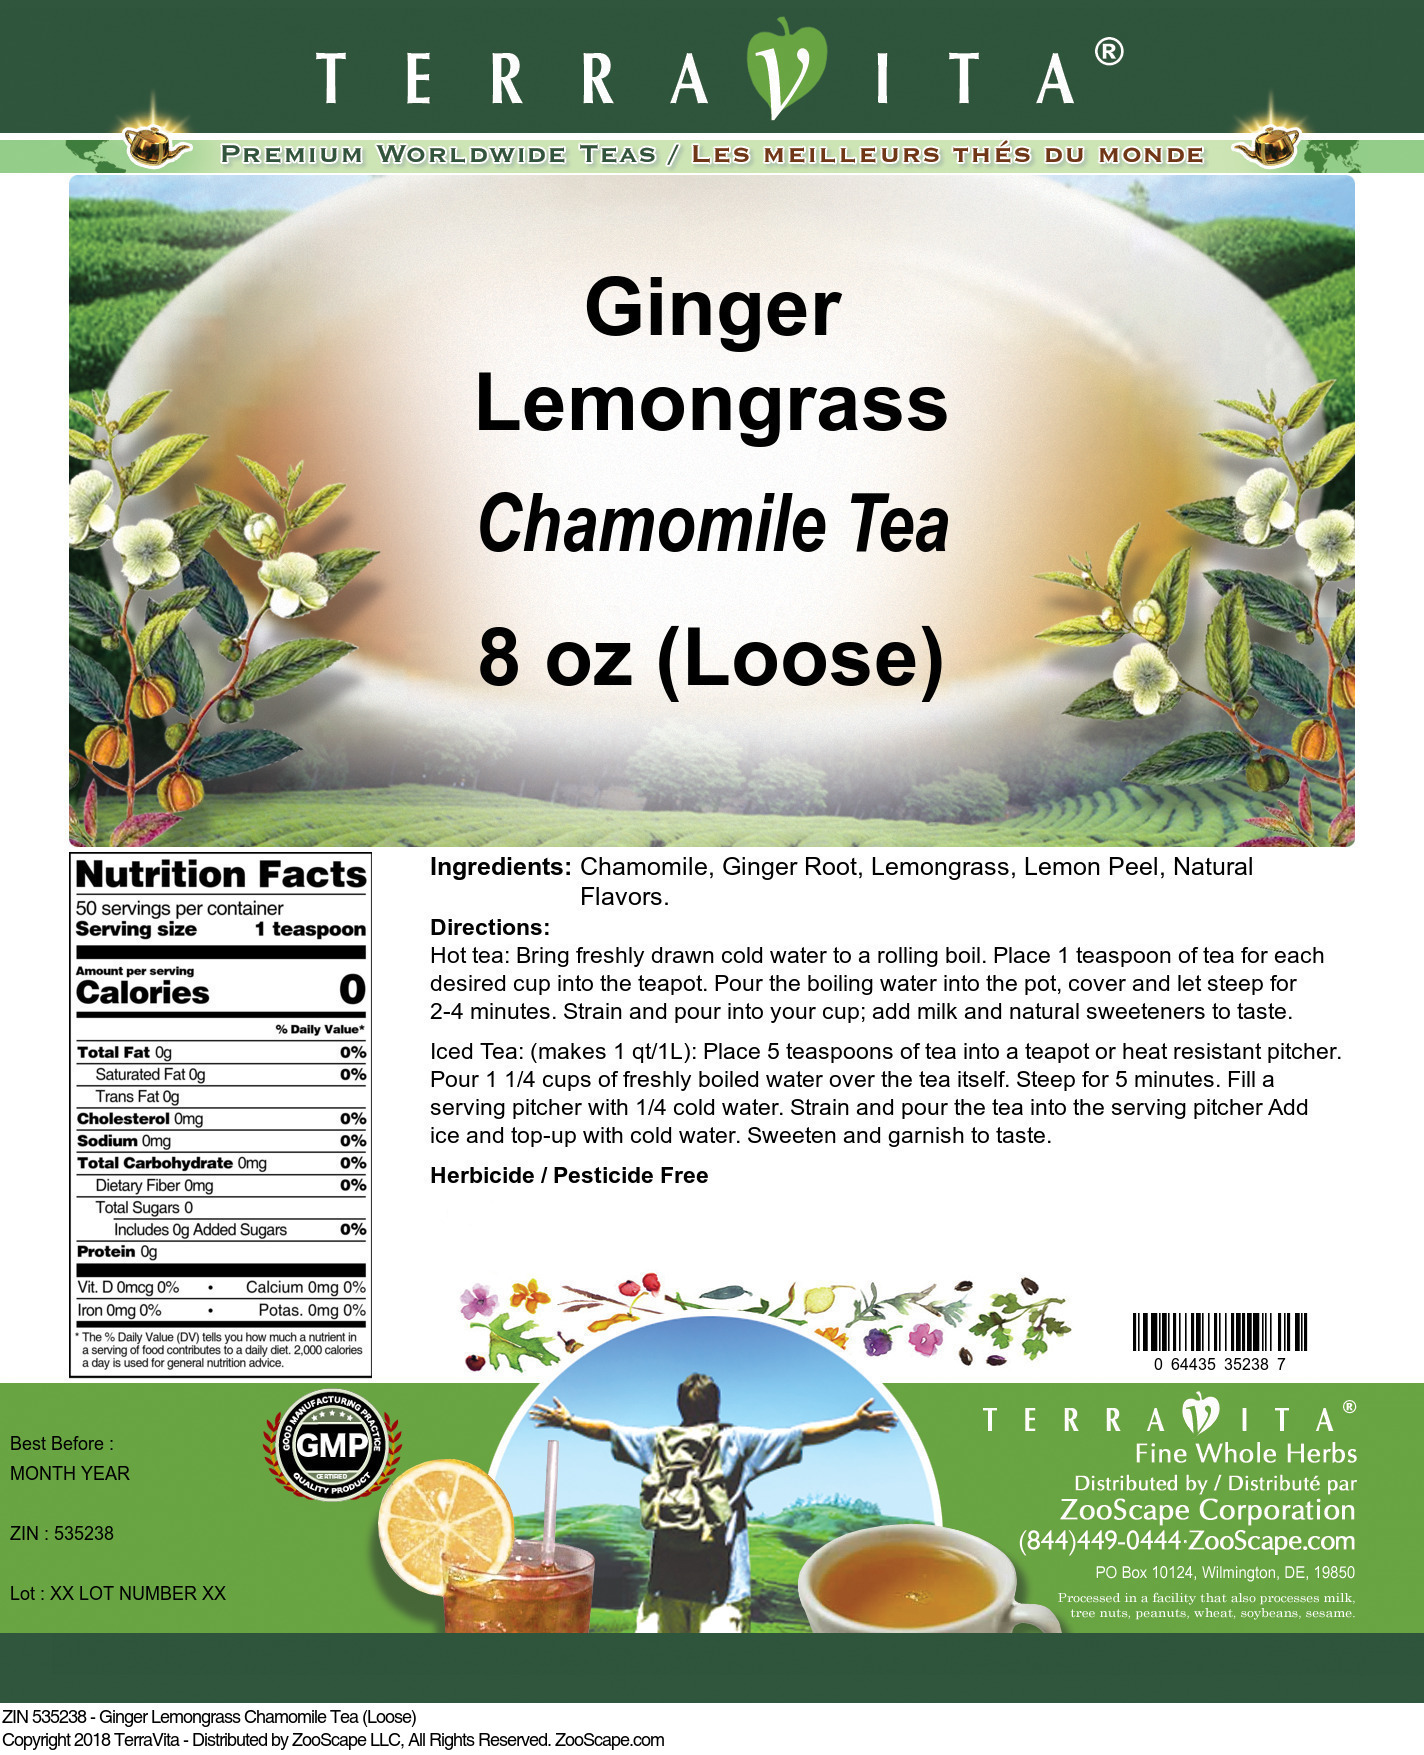 Ginger Lemongrass Chamomile Tea